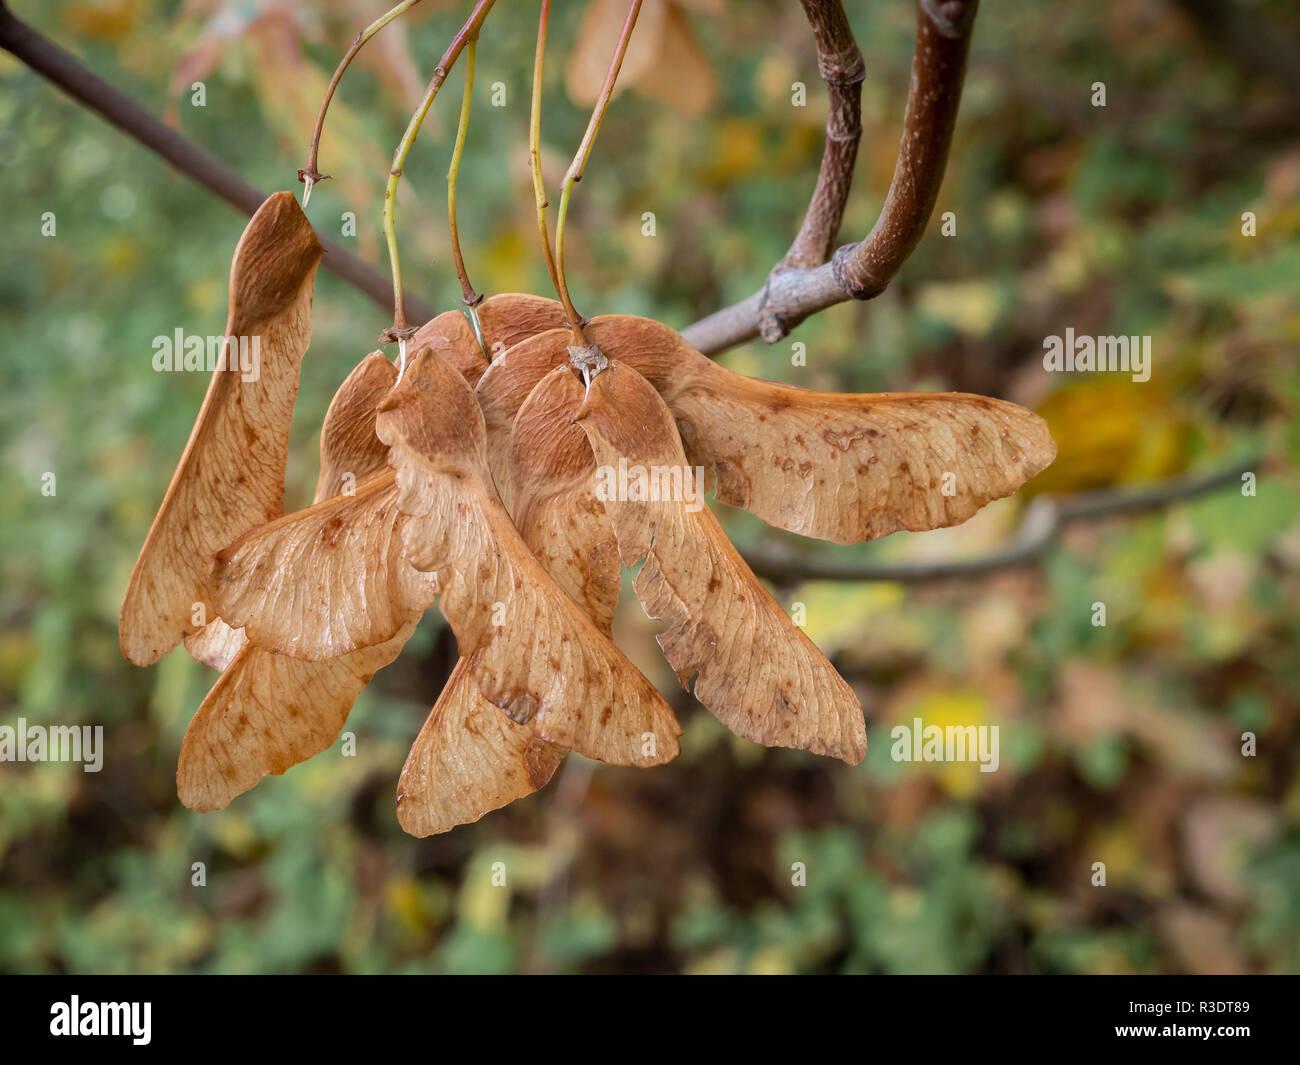 Tuerca alada fruto de la montaña arce - Acer pseudoplatanus - árbol de arce Foto de stock